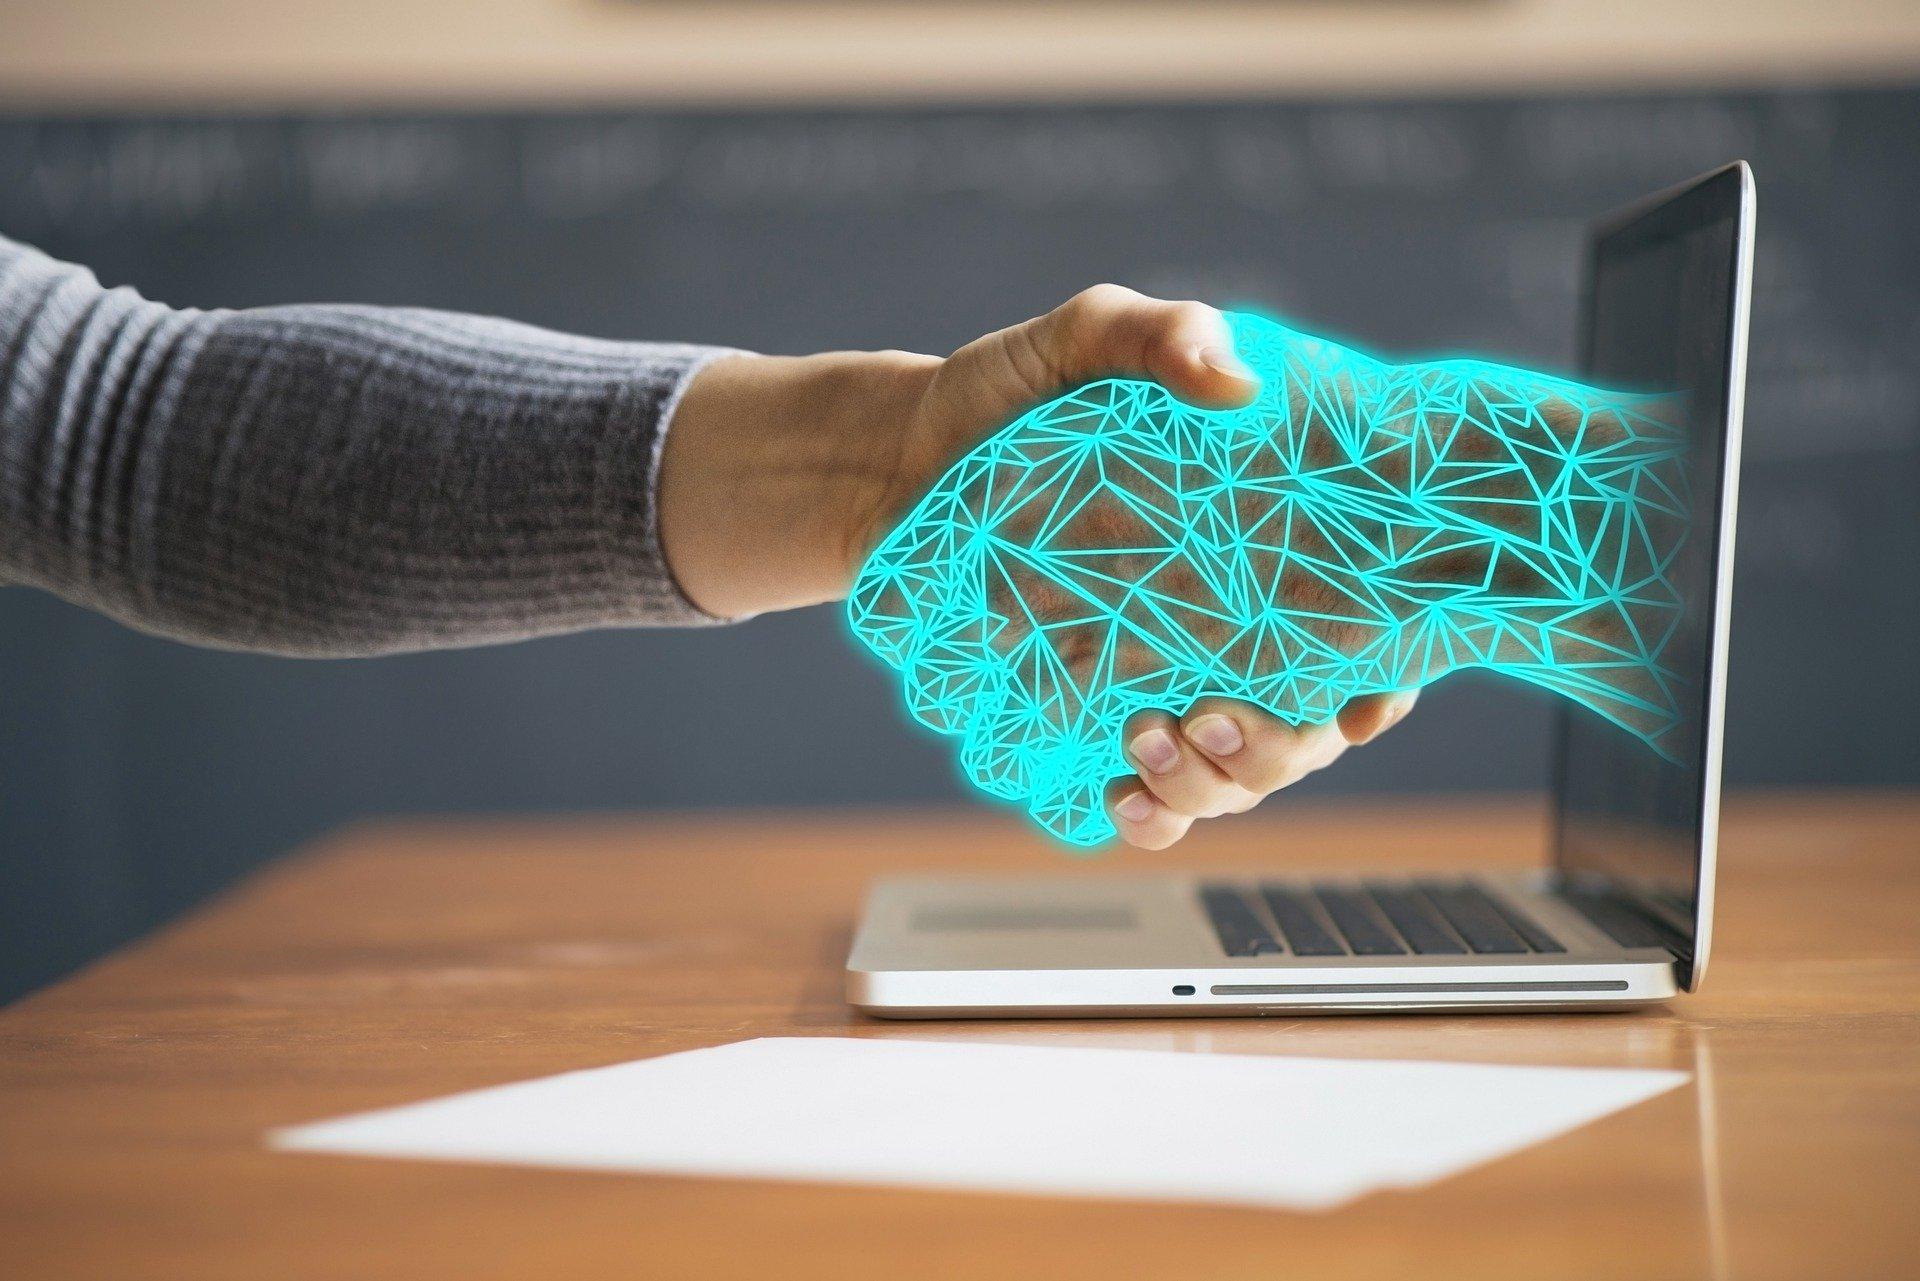 HOMME ET ROBOT : LA RELATION IDÉALE ?